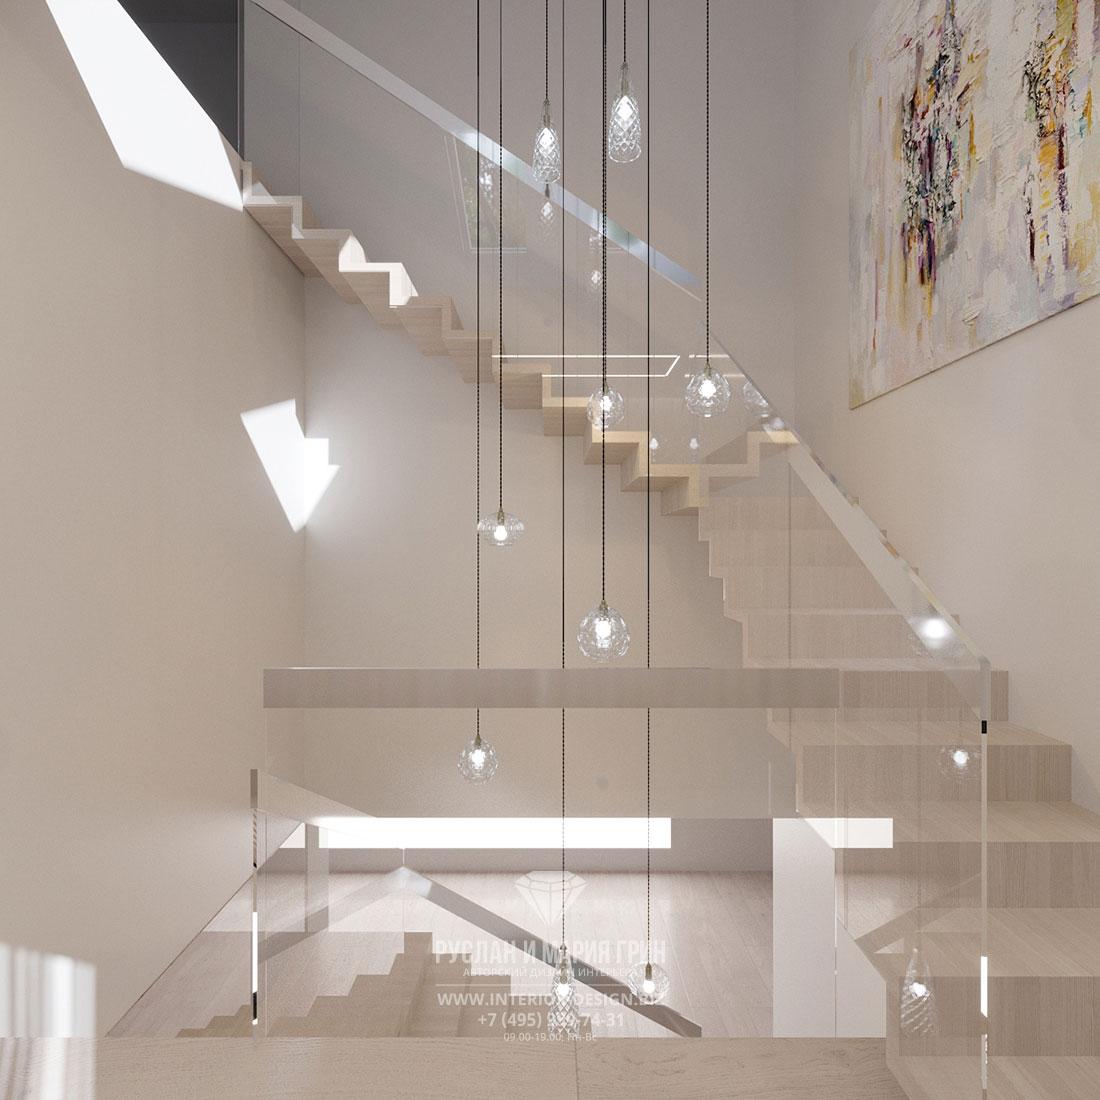 Ремонт частного дома в стиле минимализм – лестница с прозрачным ограждением